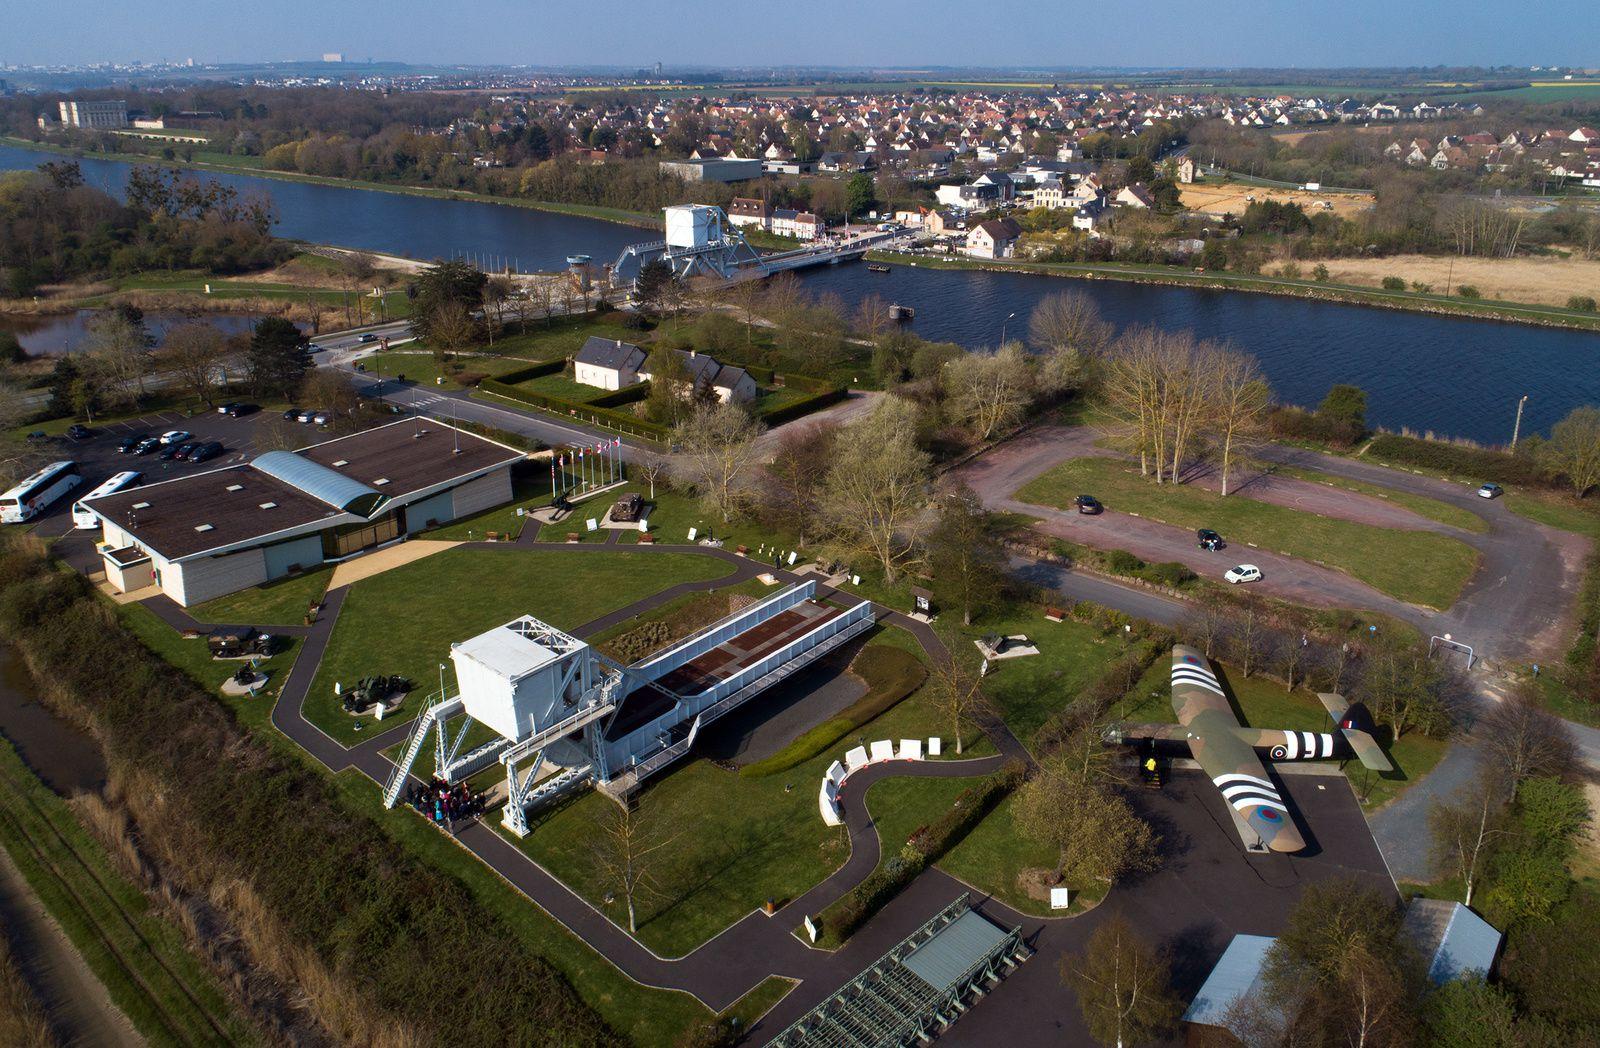 L'original du Pont de Pegasus est exposé au Musée du même nom, à quelques pas de sa copie conforme qui l'a remplacé sur le canal de Caen en 1993. Photo aérienne François Monier, avril 2019